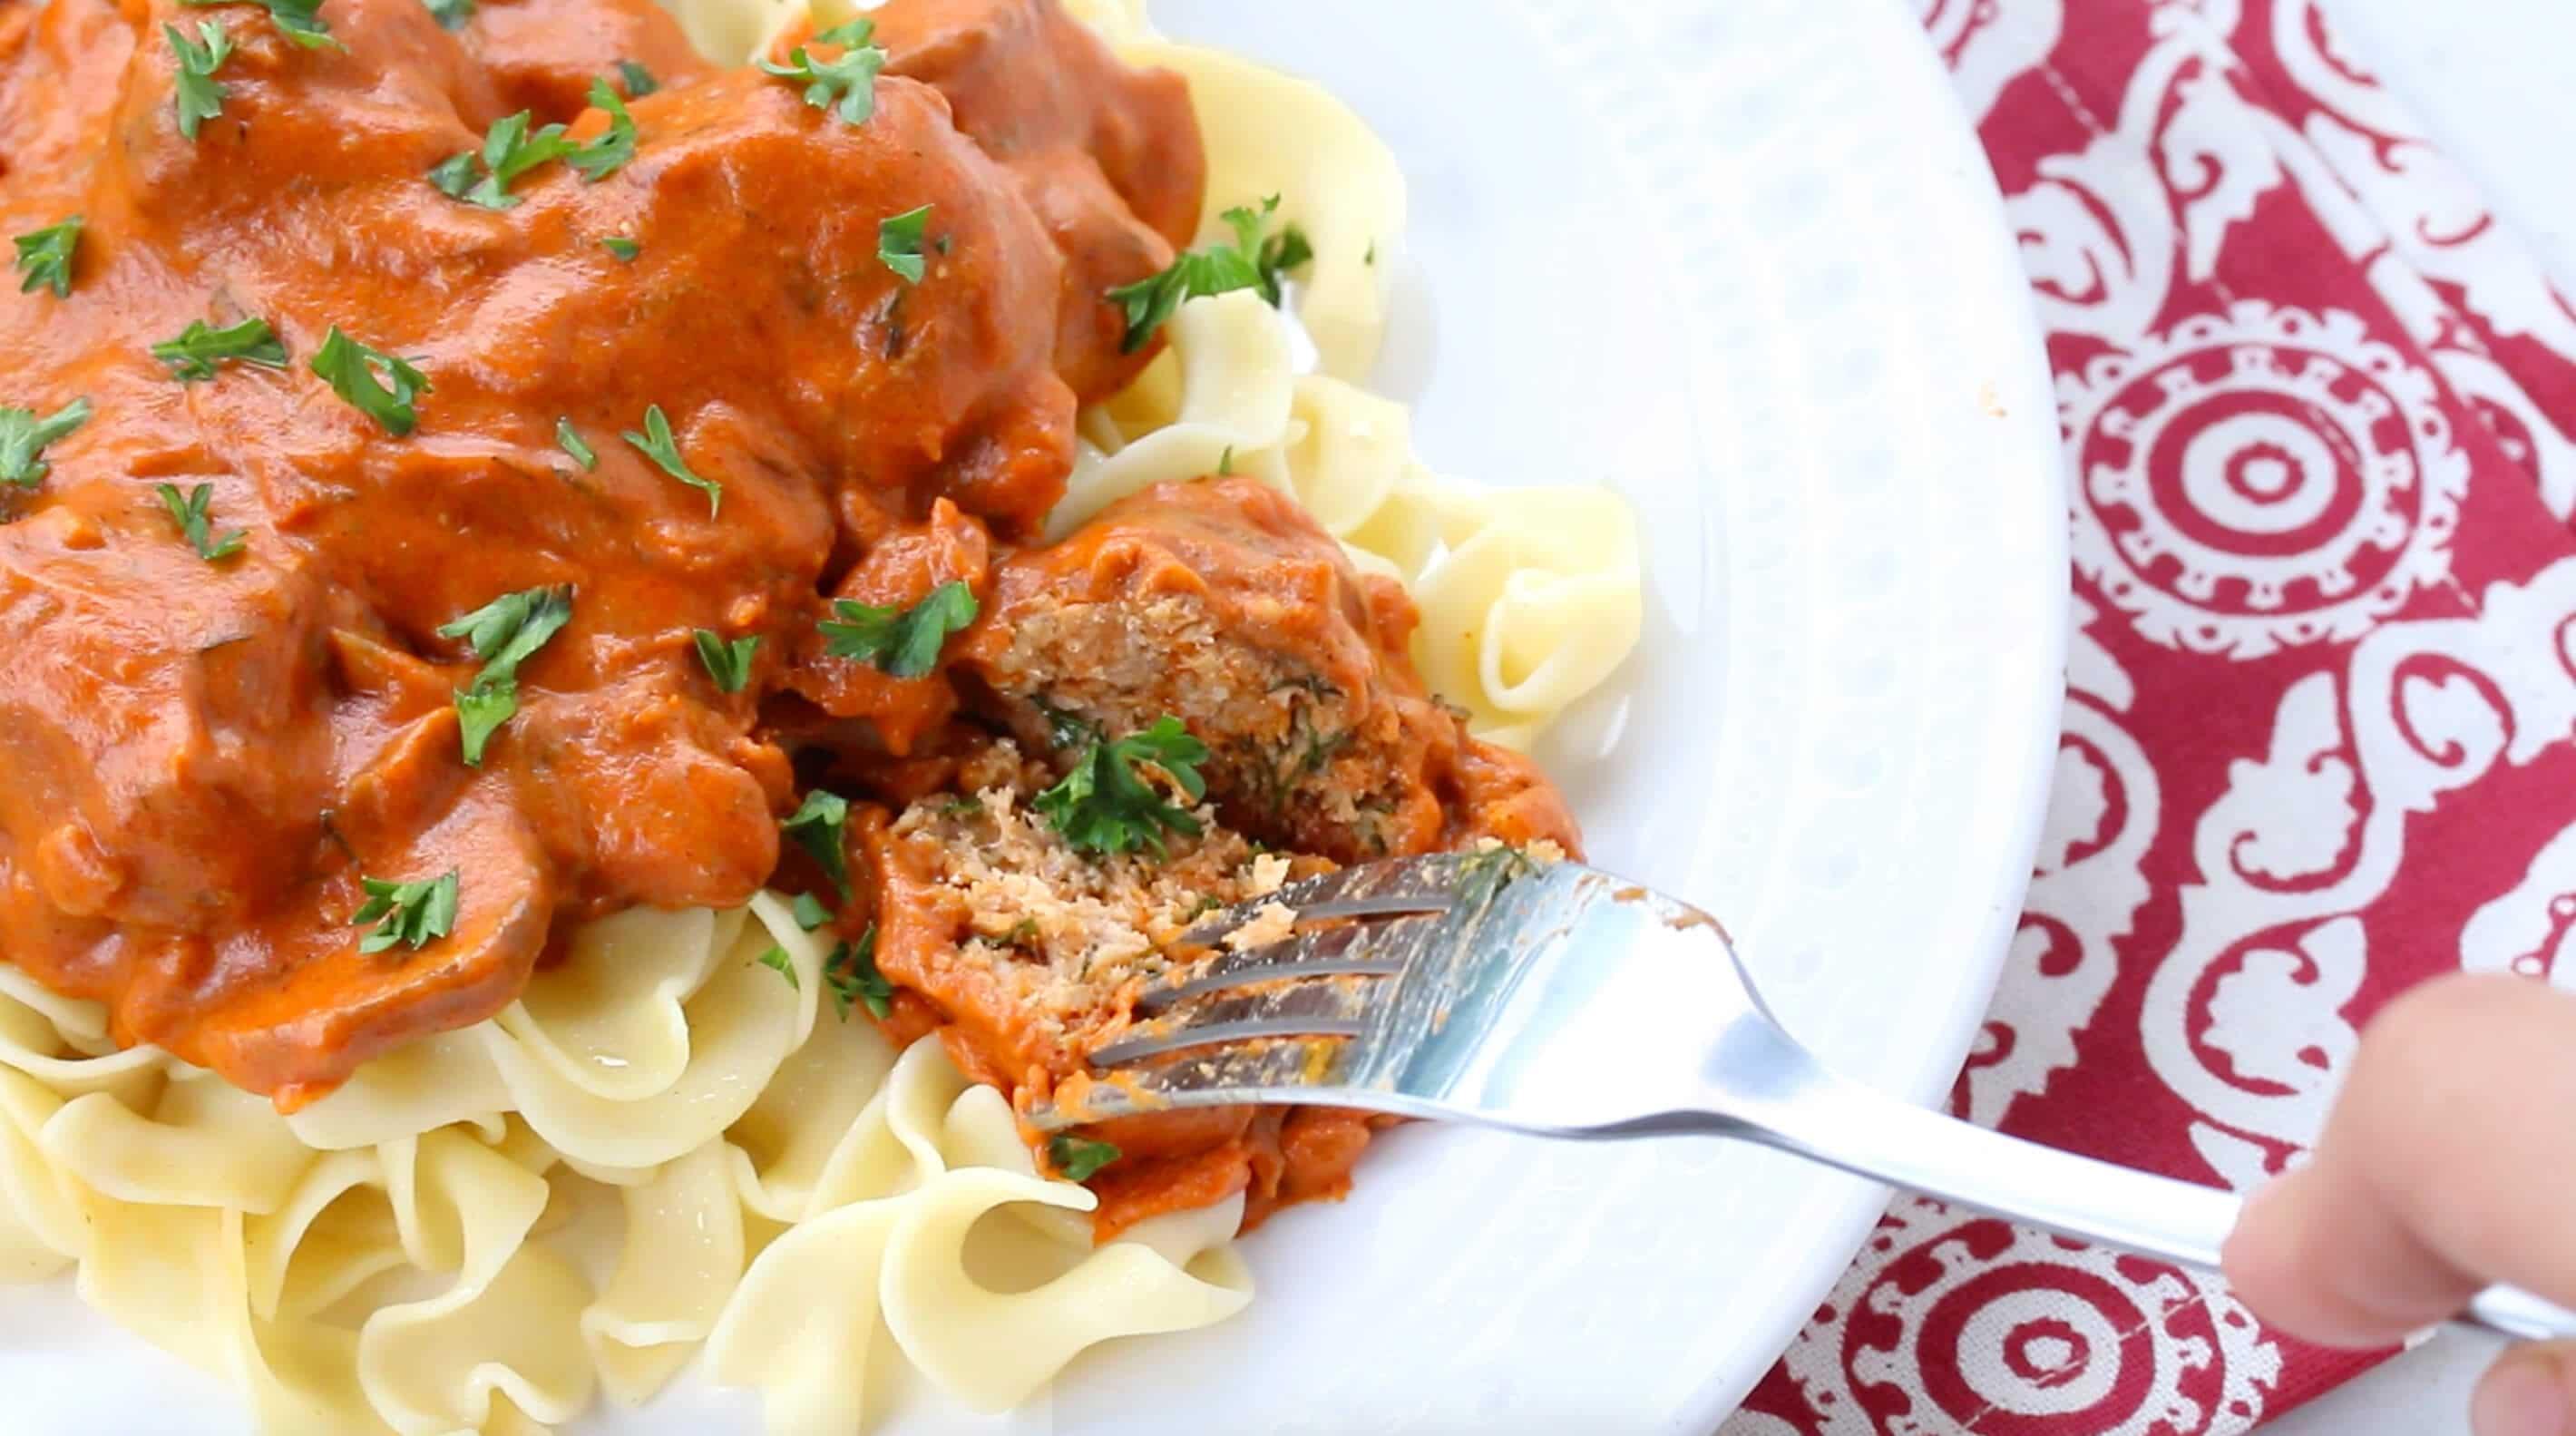 hungarian meatballs recipe creamy paprika sauce